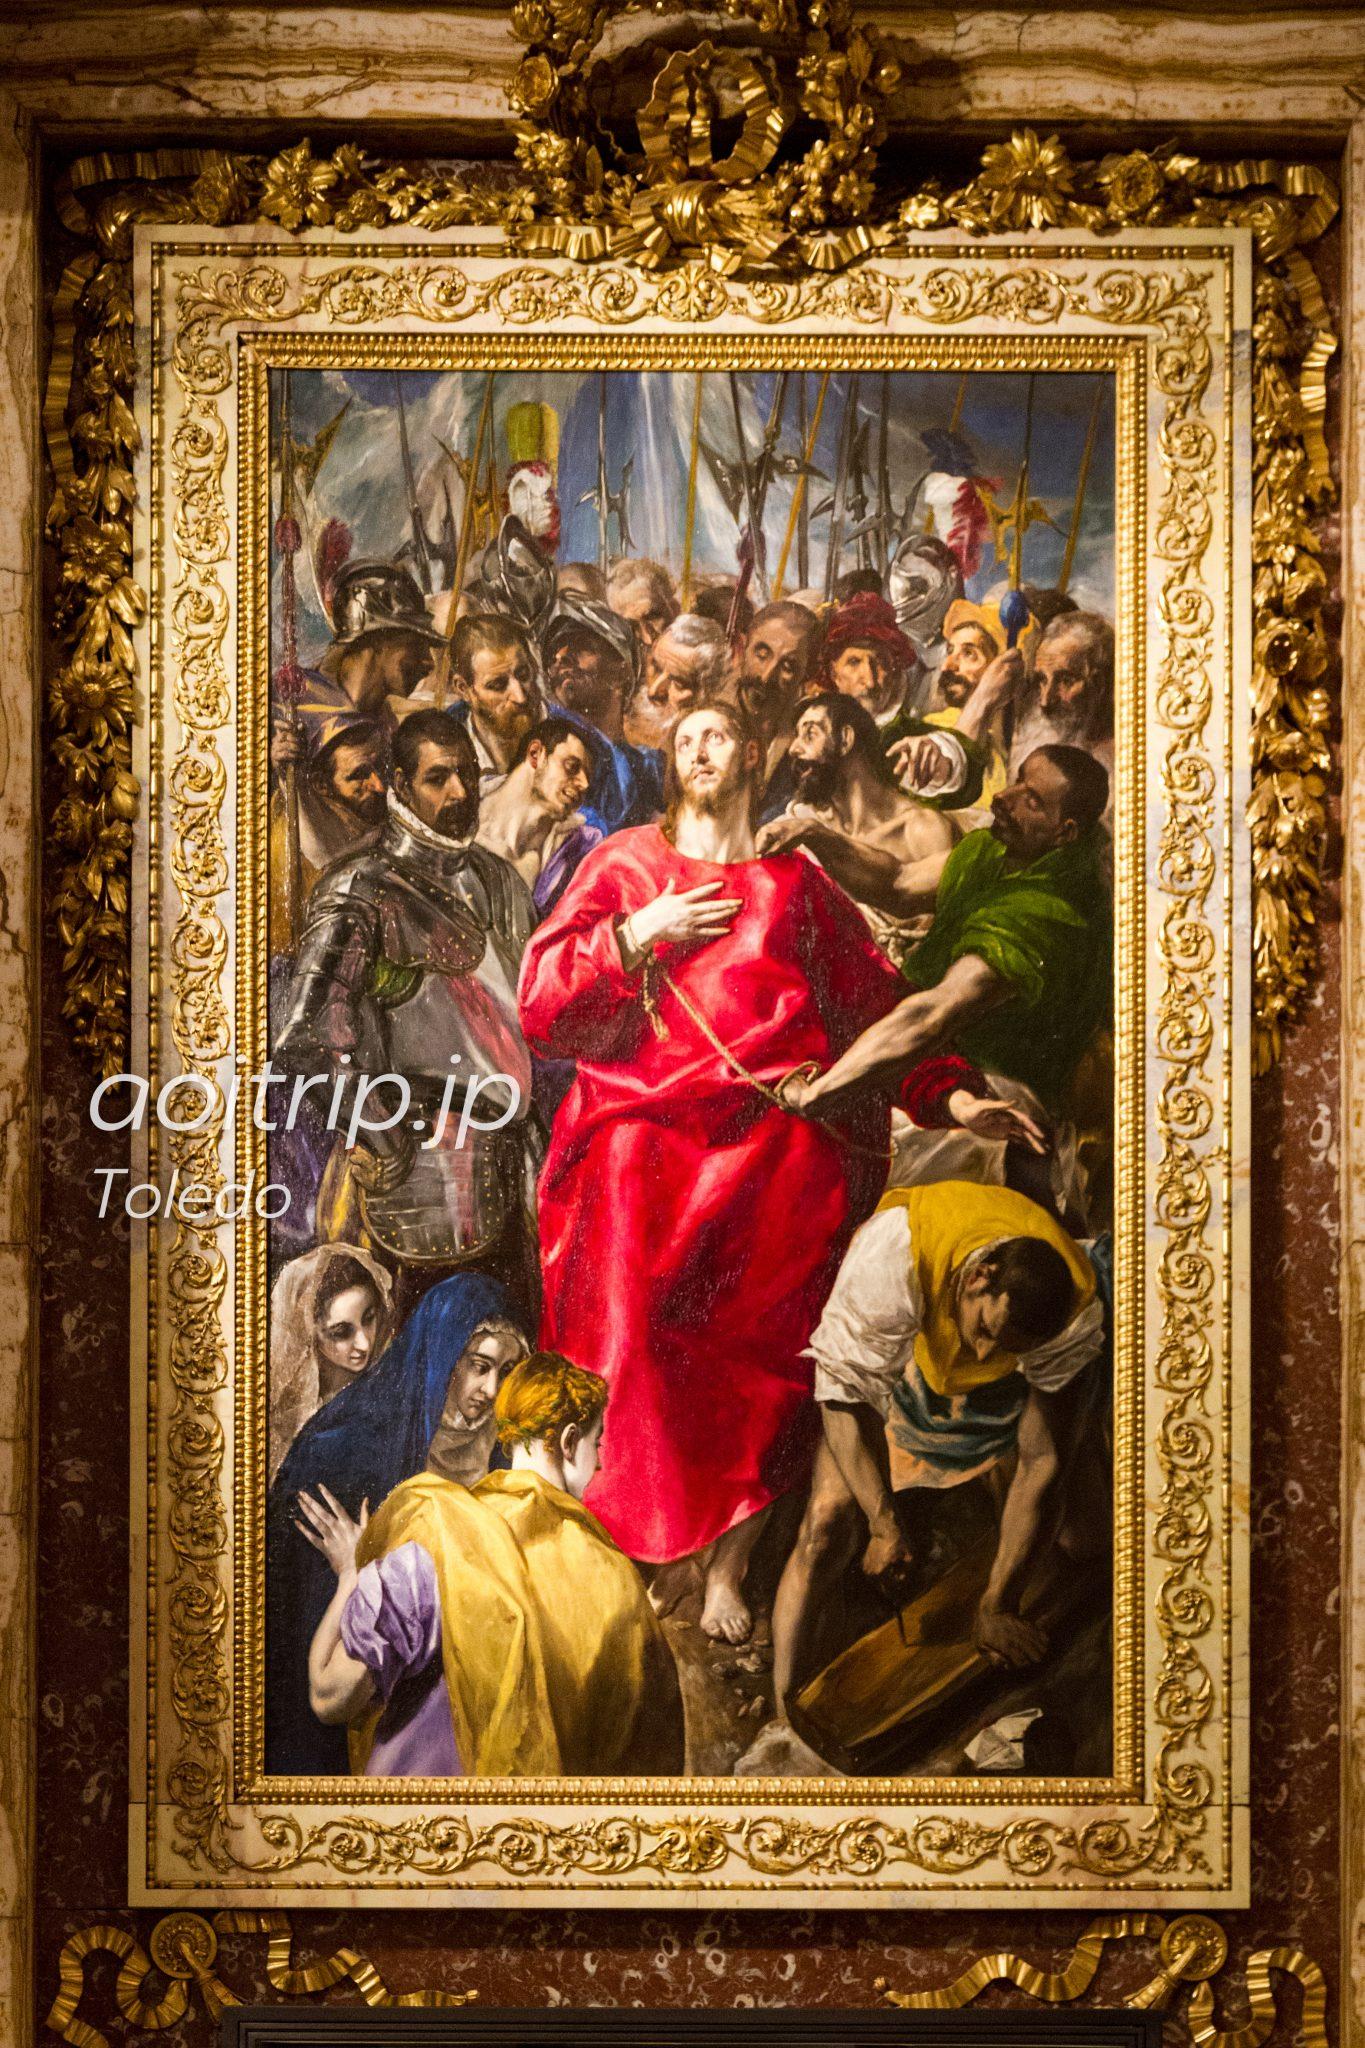 トレド大聖堂 エルグレコの聖衣剥奪